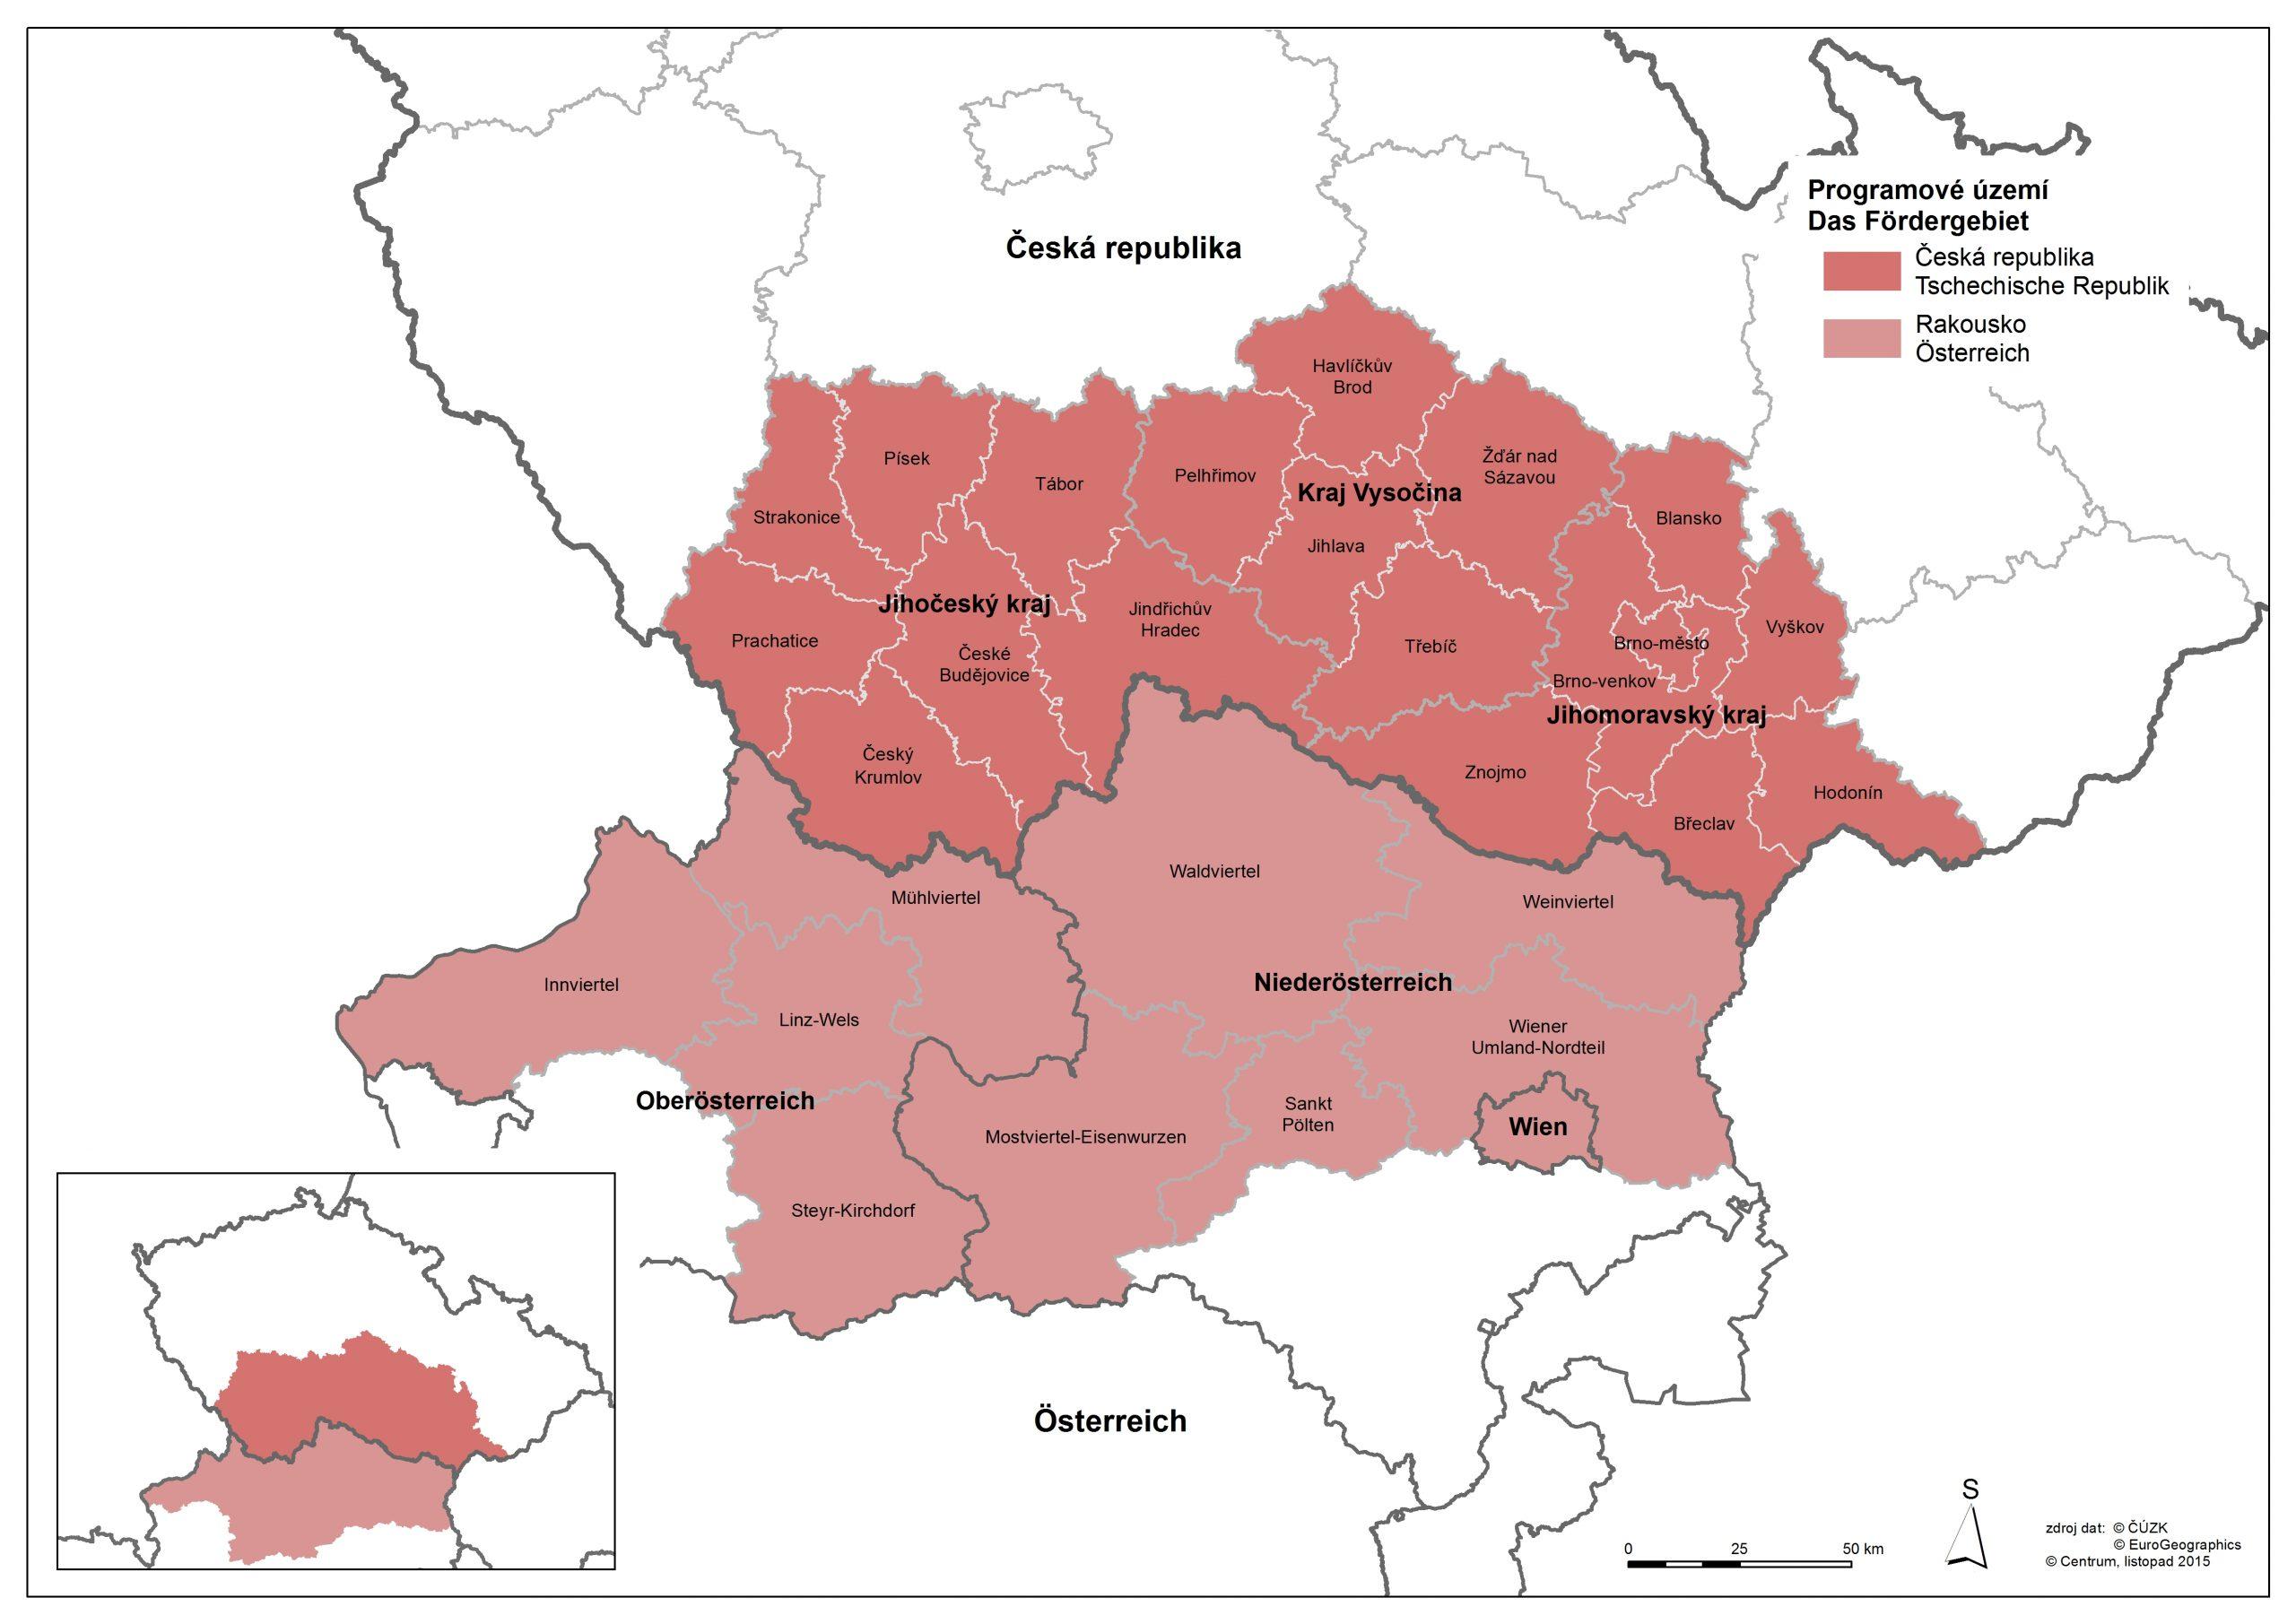 Programmgebiet Interreg Österreich-Tschechische Republik  Fotocredit: © Amt der NÖ Landesregierung, Gemeinsames Sekretariat INTERREG AT-CZ